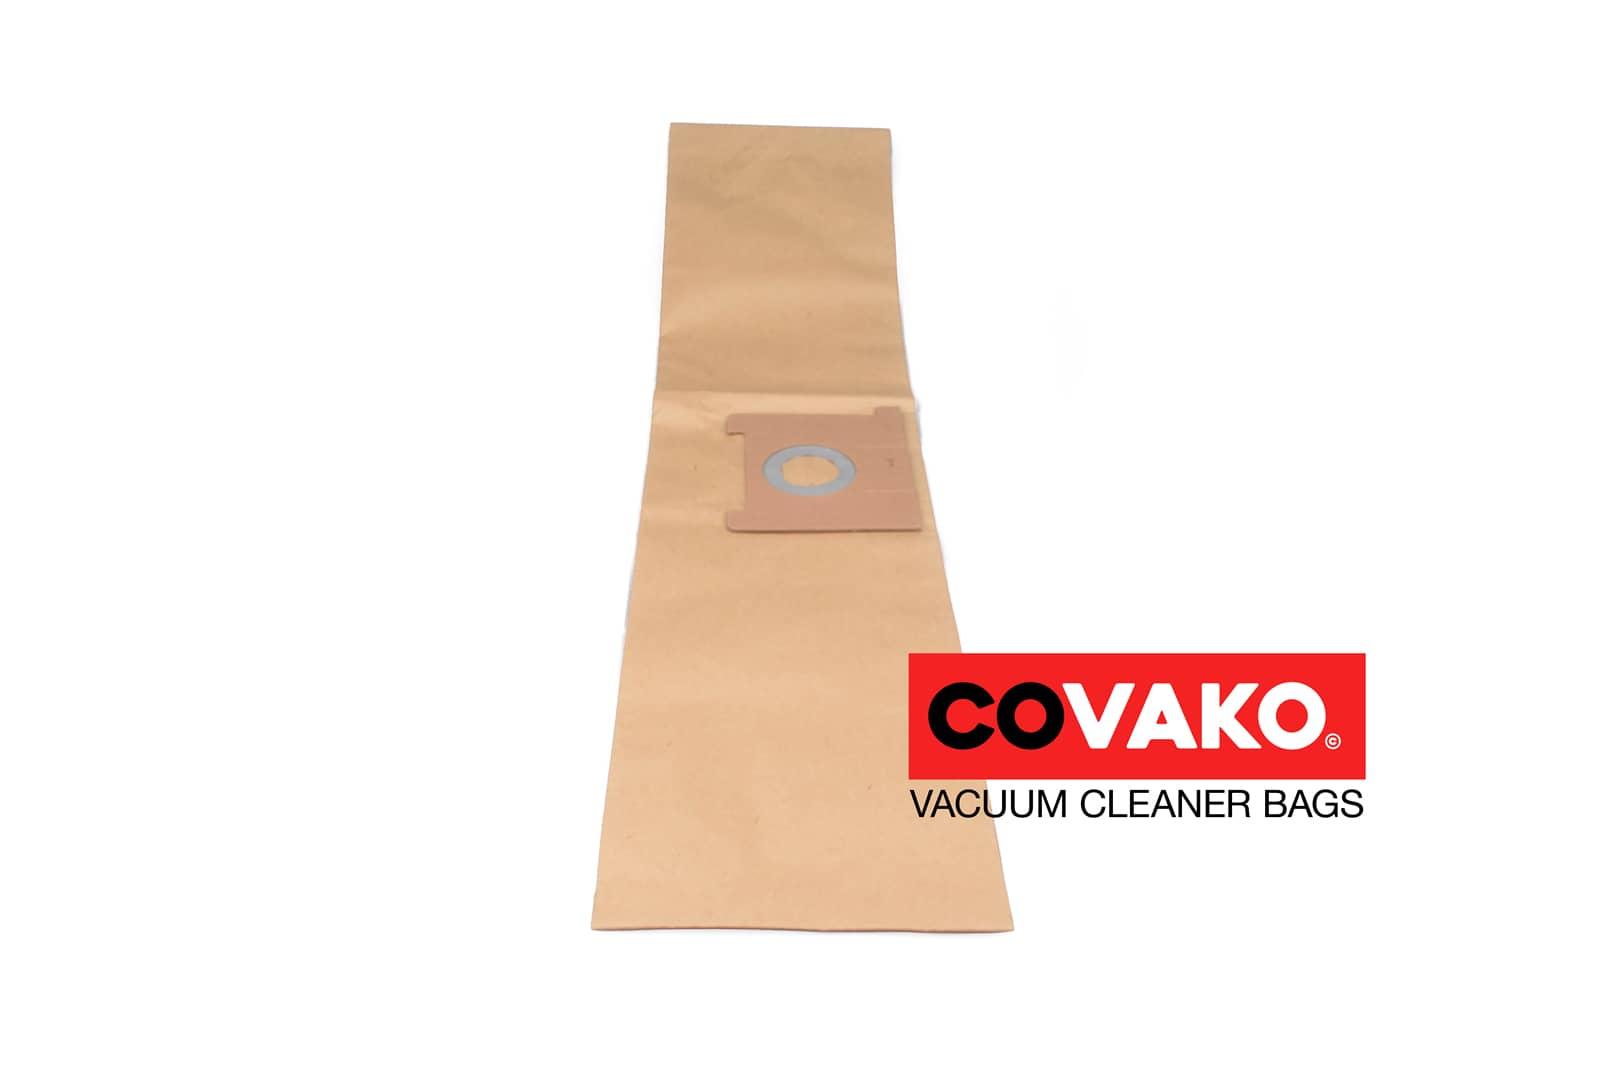 Kenter pur Q XL / Papier - Kenter stofzuigerzakken